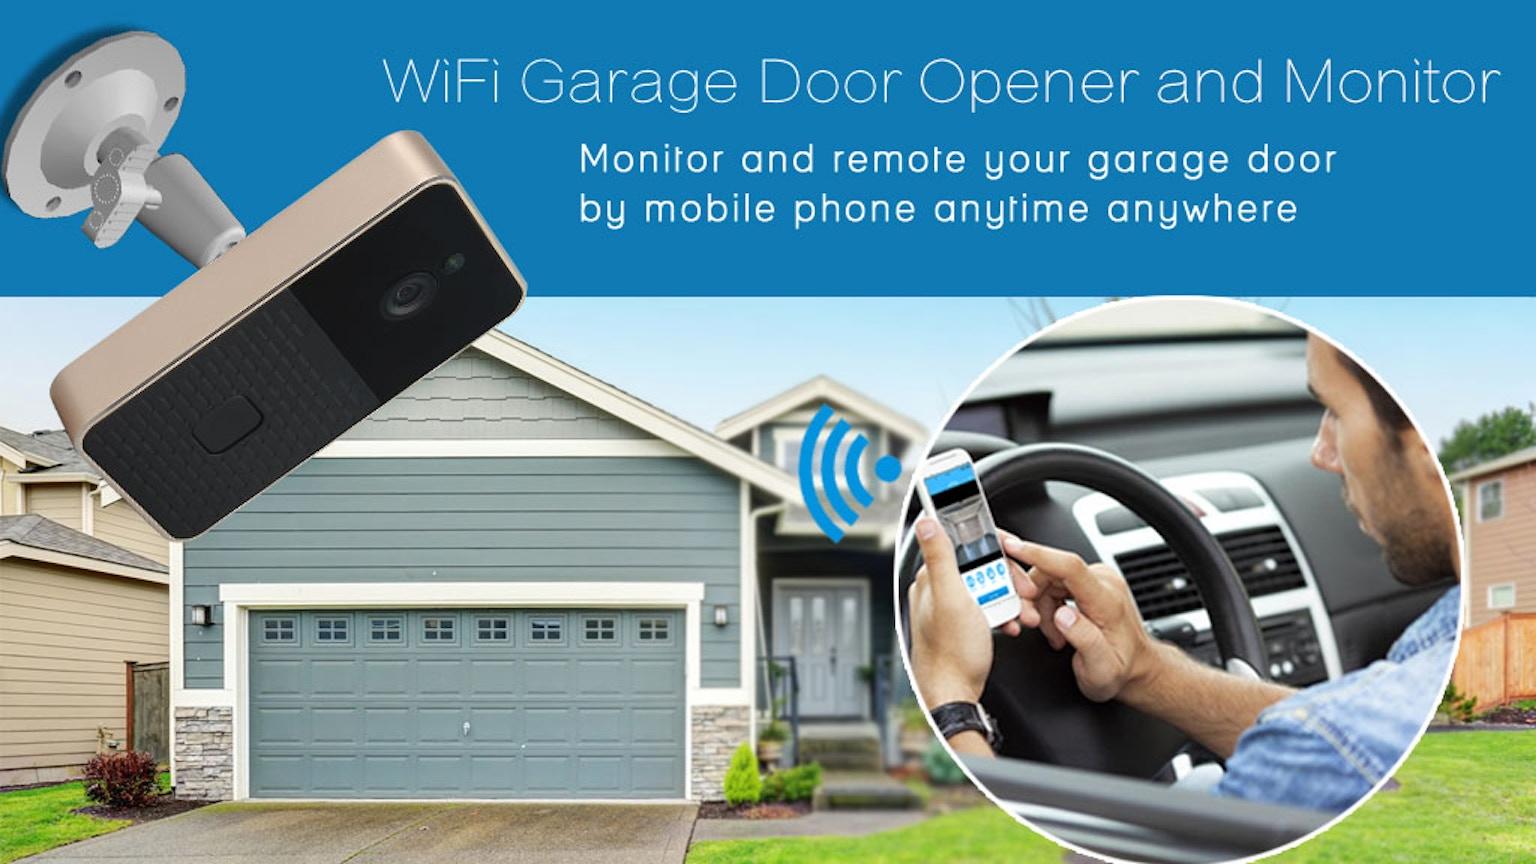 Wifi Garage Door Opener And Monitor By Andy Kickstarter